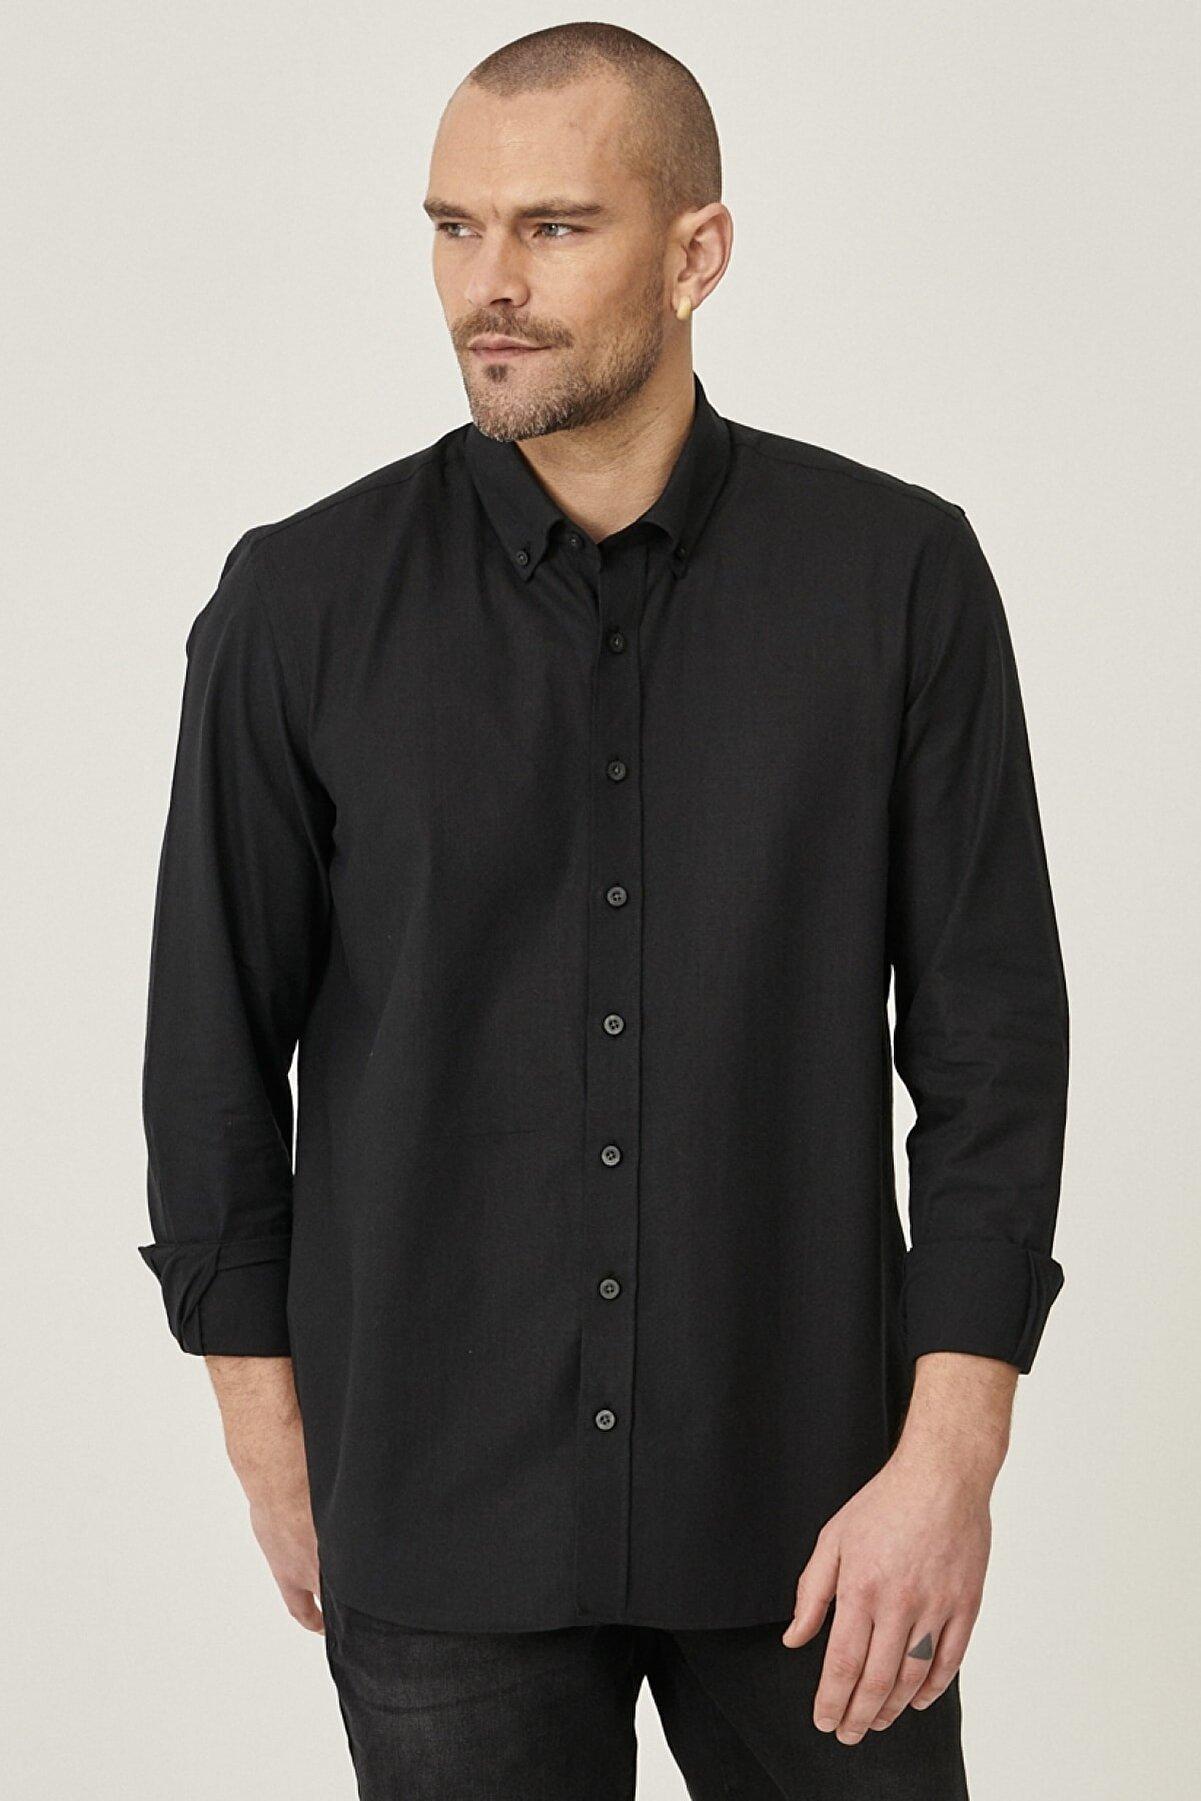 Altınyıldız Classics Erkek Siyah Tailored Slim Fit Dar Kesim Düğmeli Yaka %100 Koton Gömlek